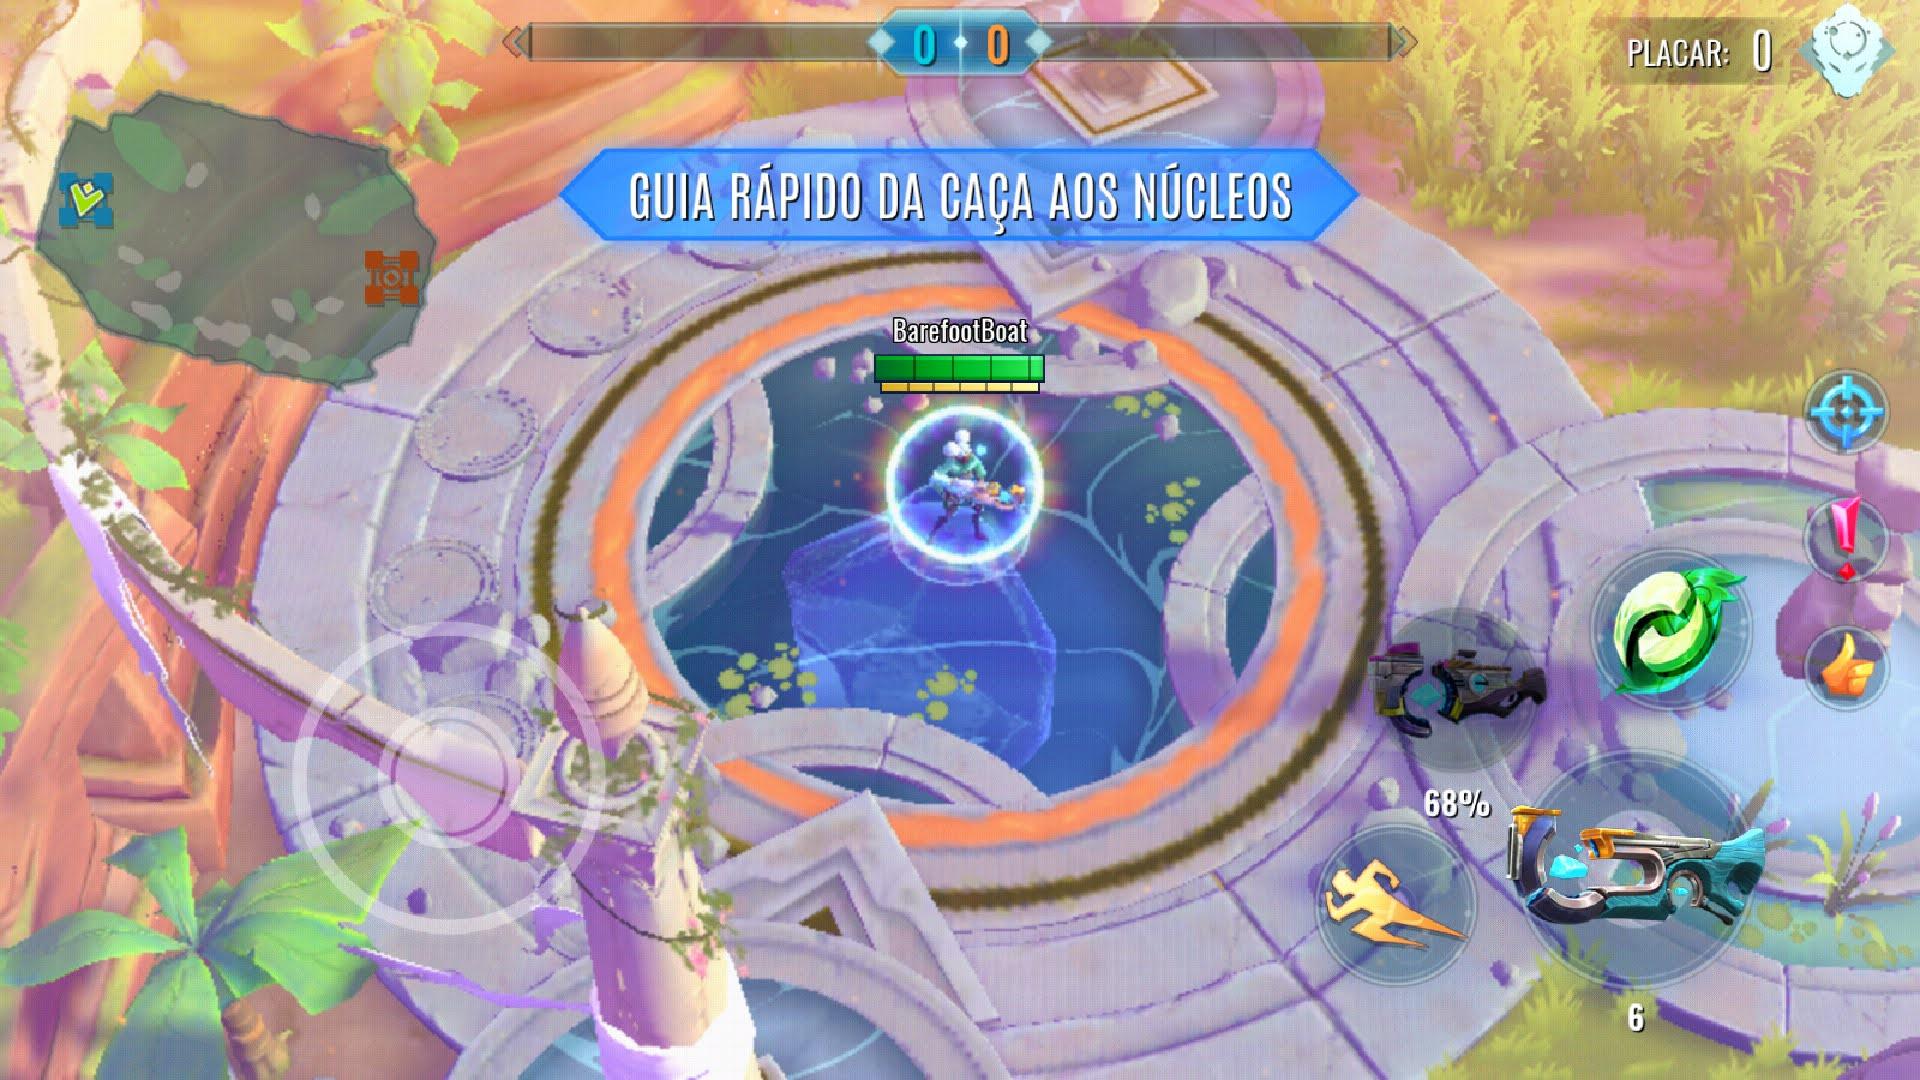 Jogo, disponível em APK e na Play Store, acontece em um campo de batalha